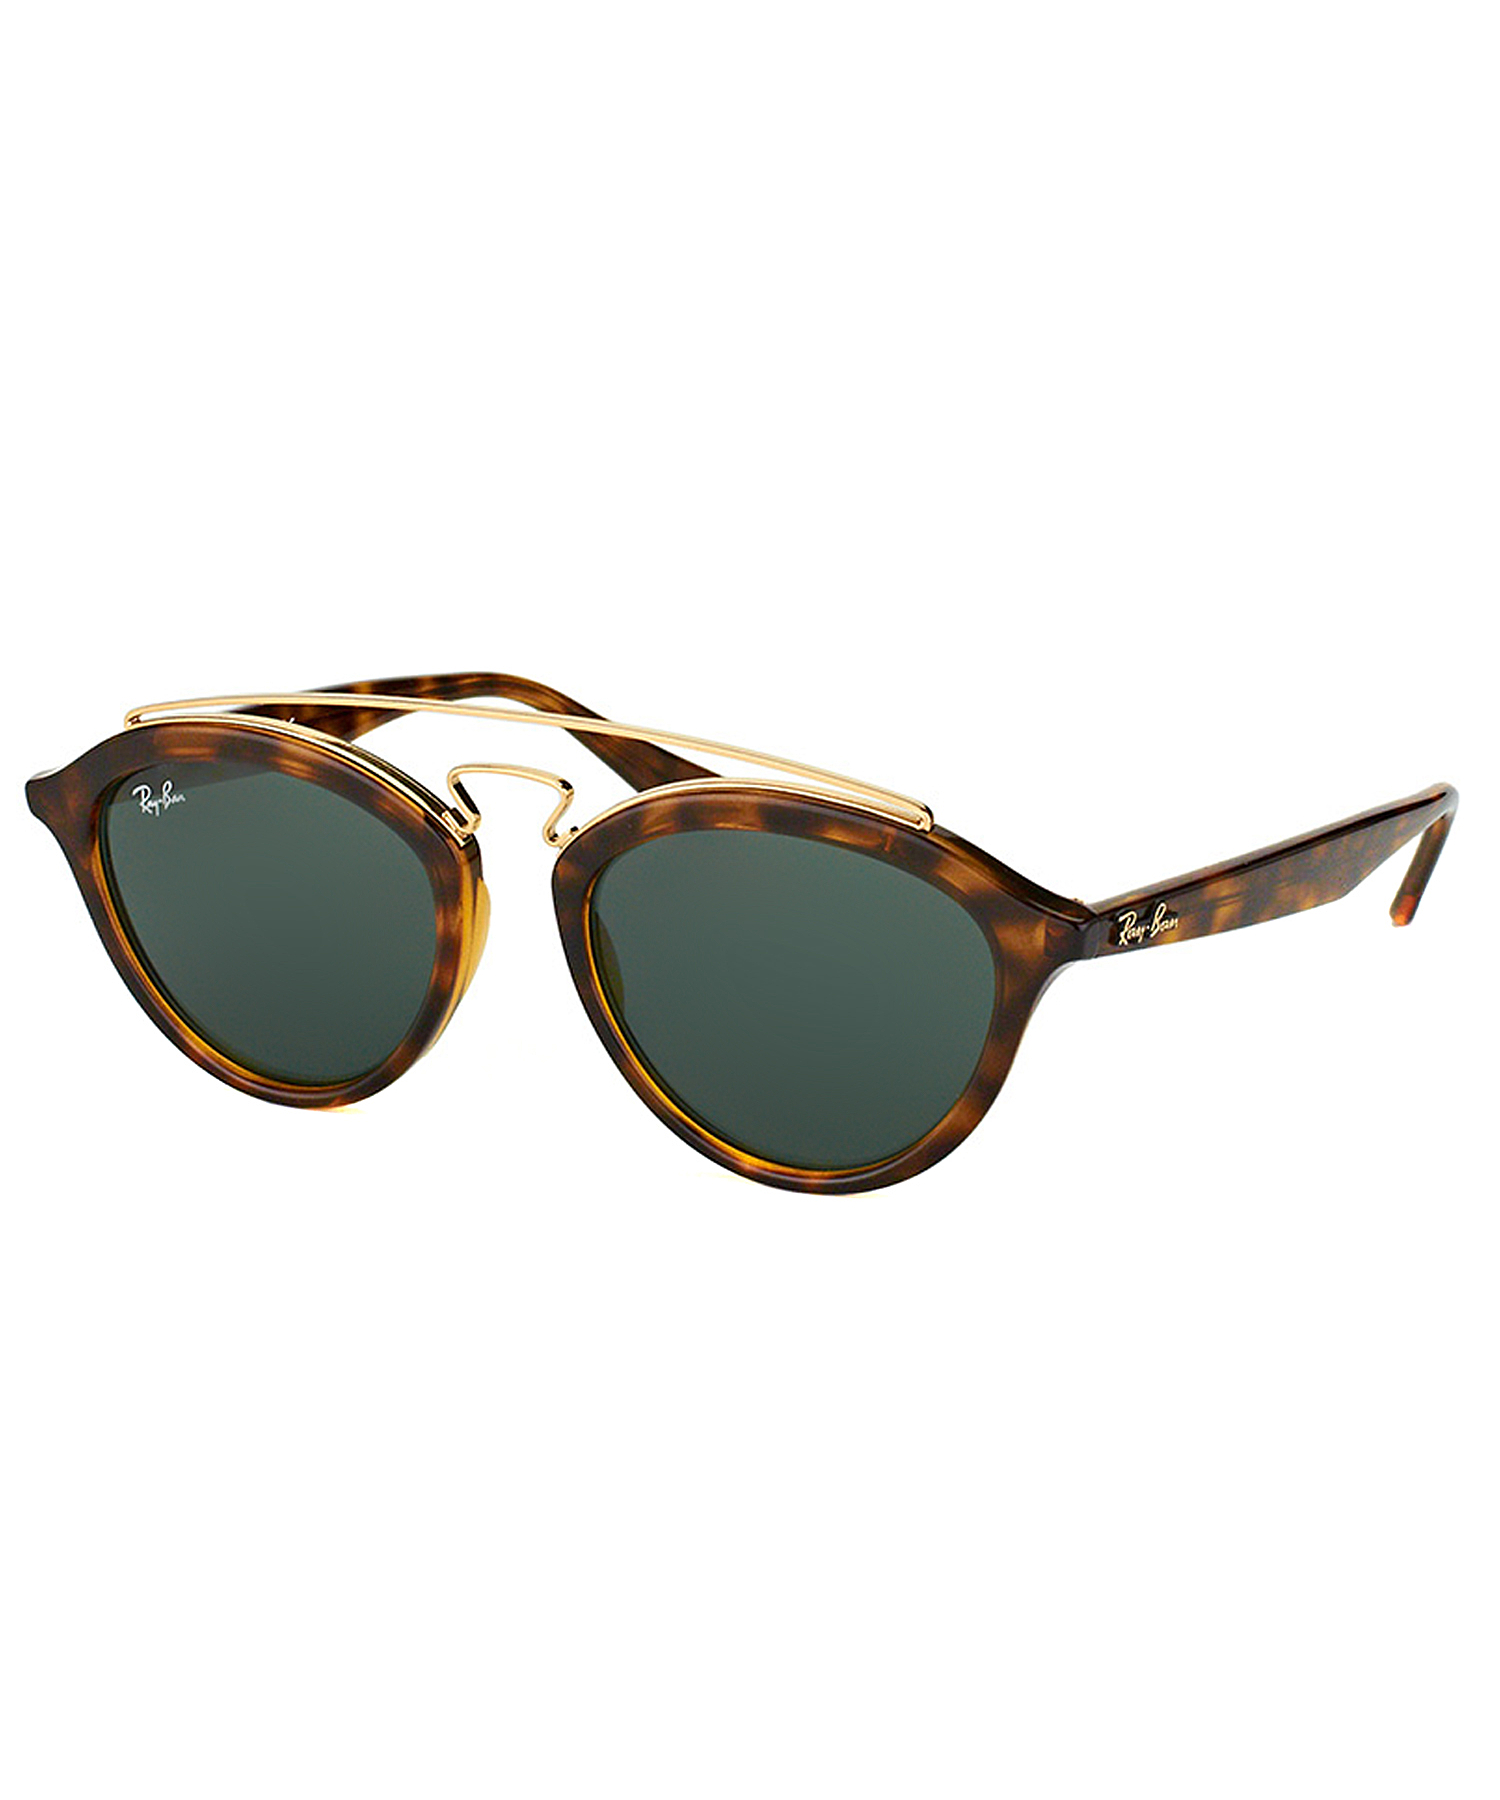 Ray-ban Gatsby Ii Fashion Plastic Sunglasses in Multicolor ...